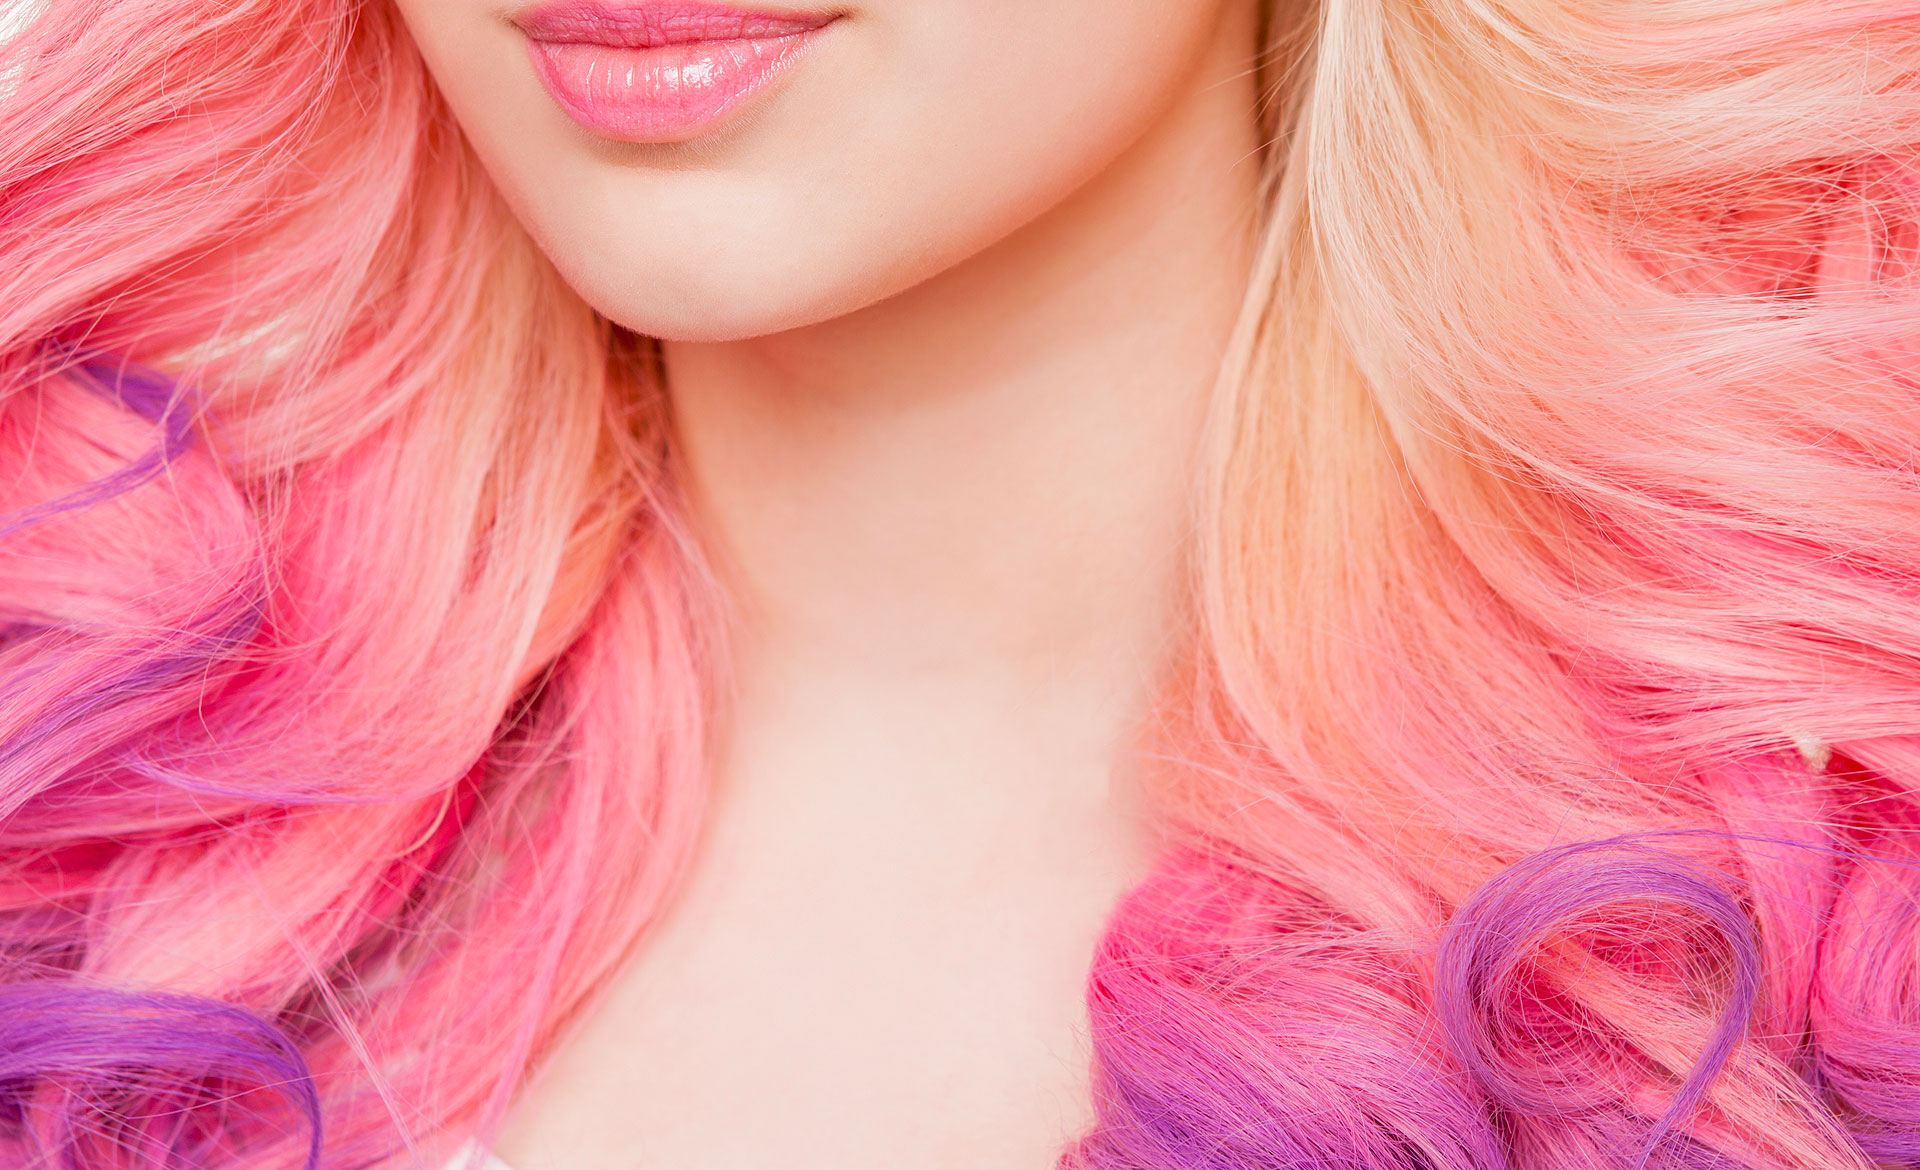 Tintura de cabelo e alisamento de cabelo podem associar-se a câncer de mama